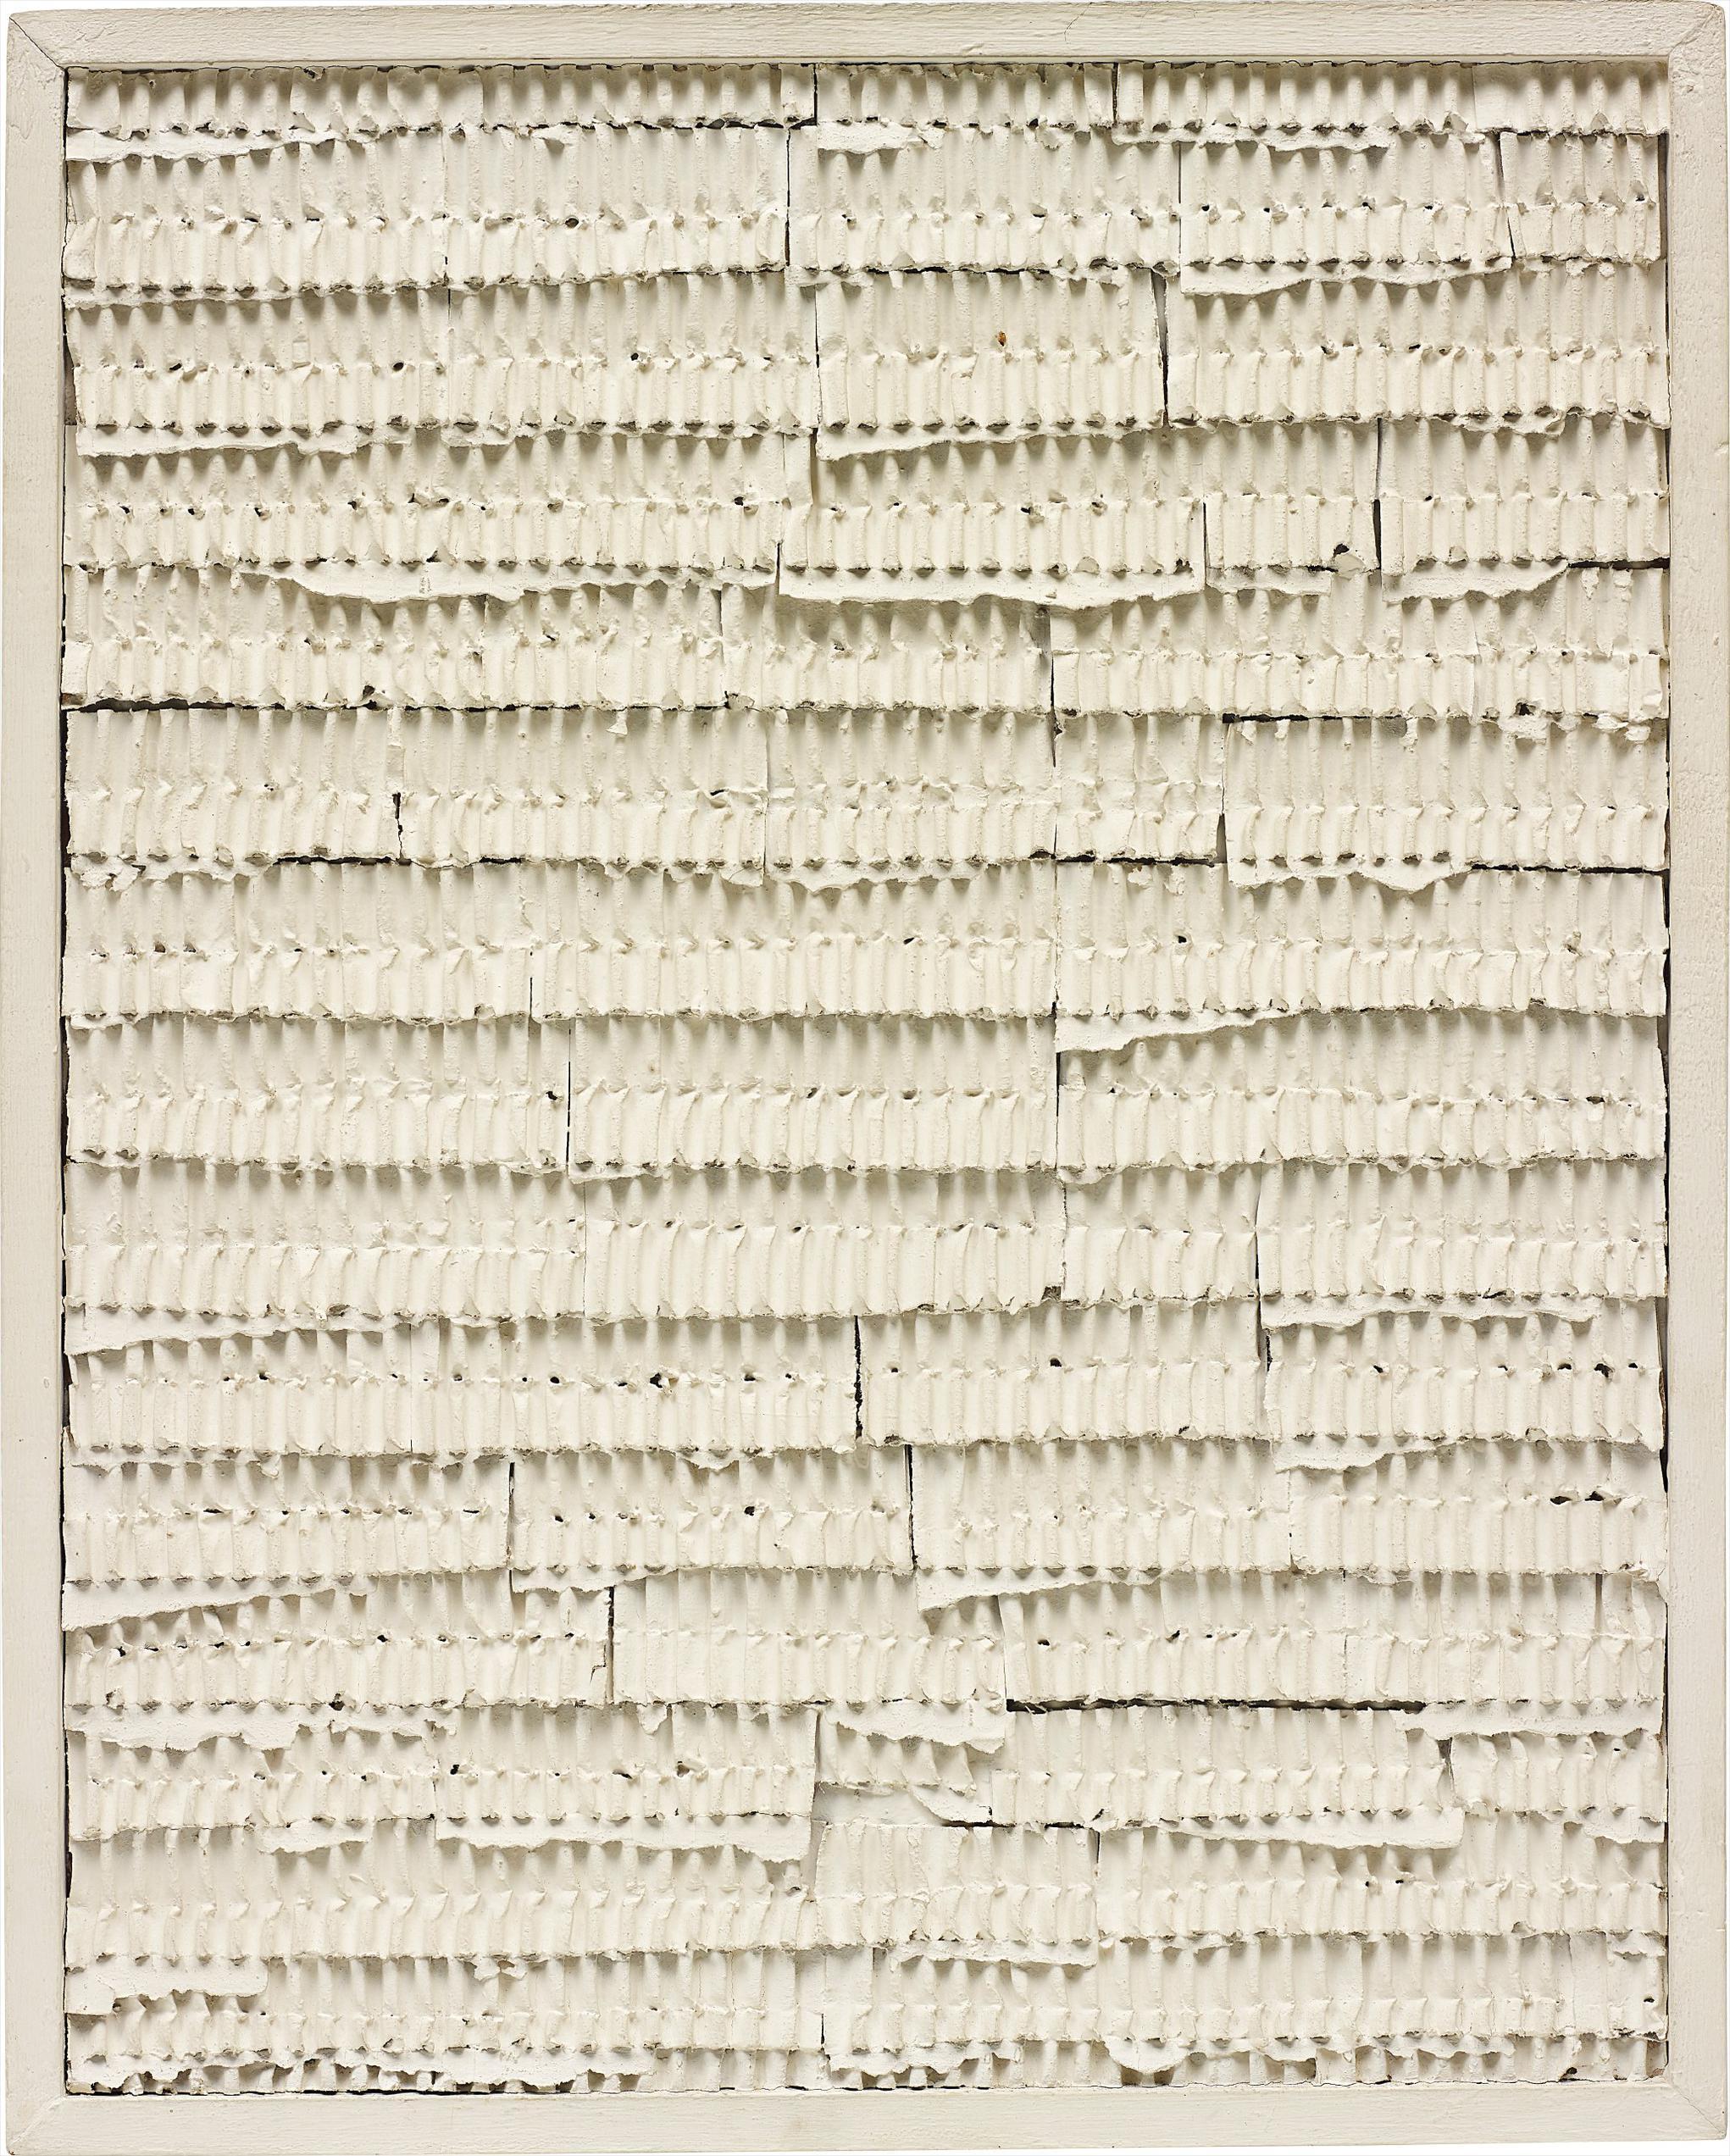 Jan Schoonhoven-Modulated Ridges-1965